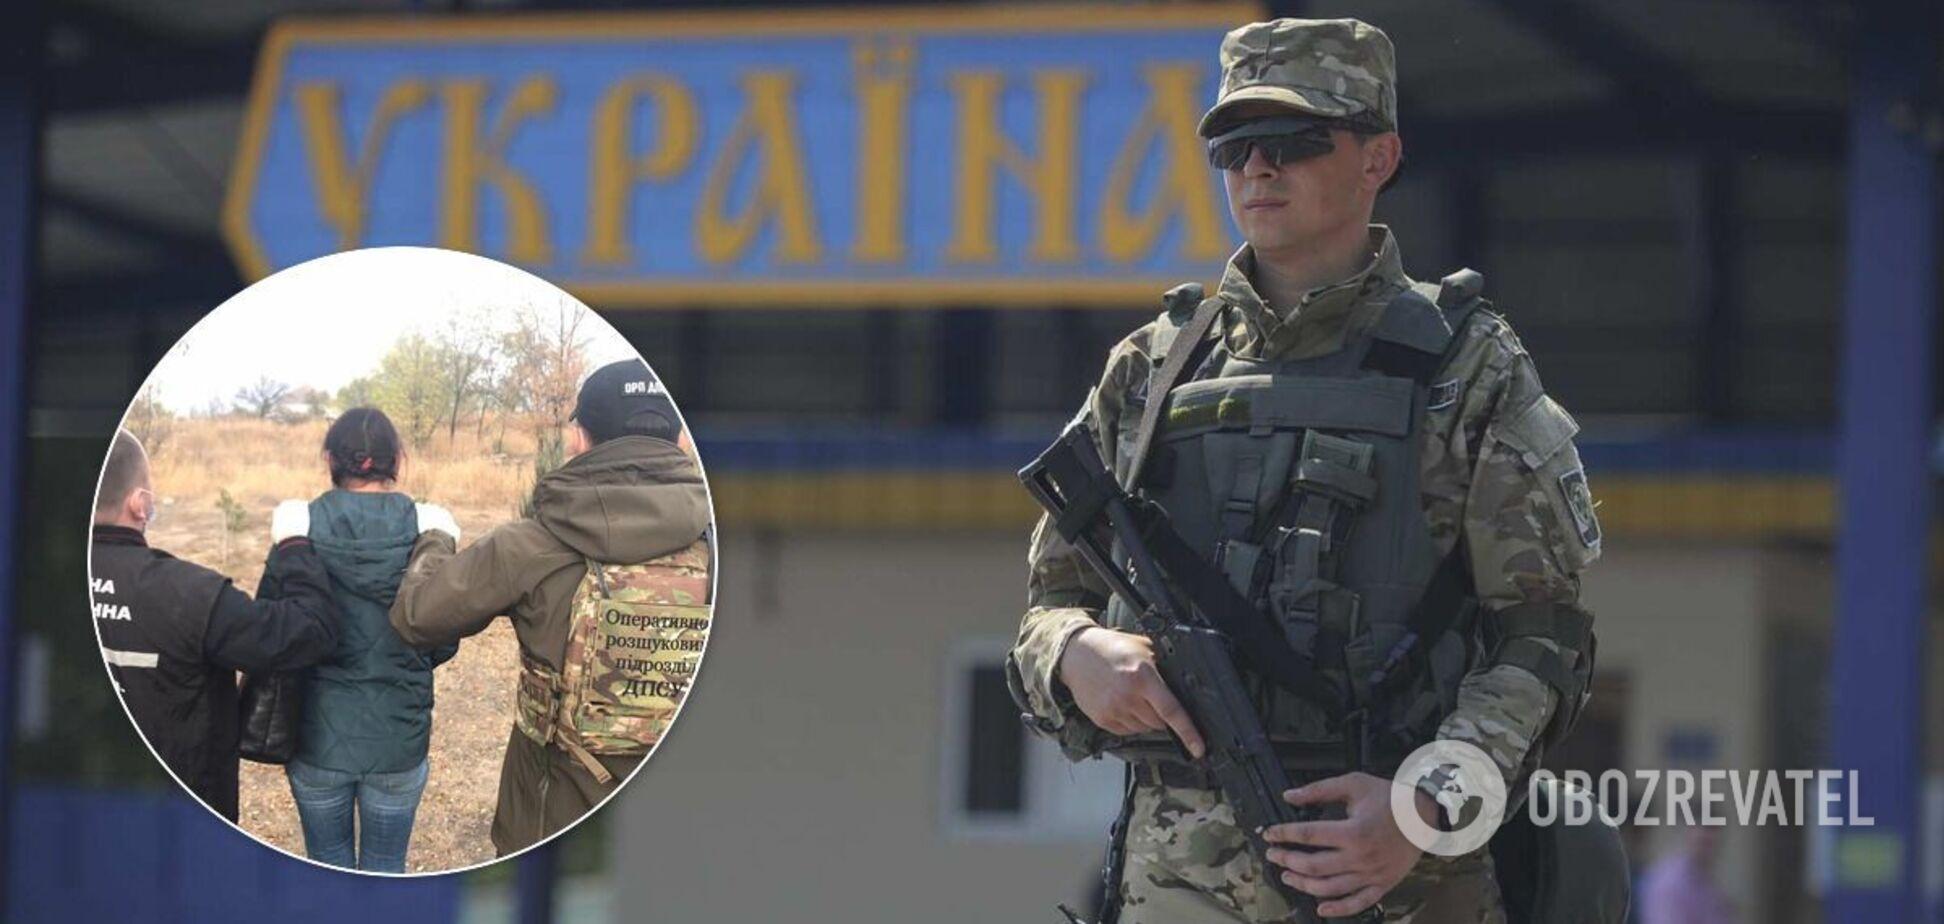 На Донбассе задержали пособницу террористов. Фото